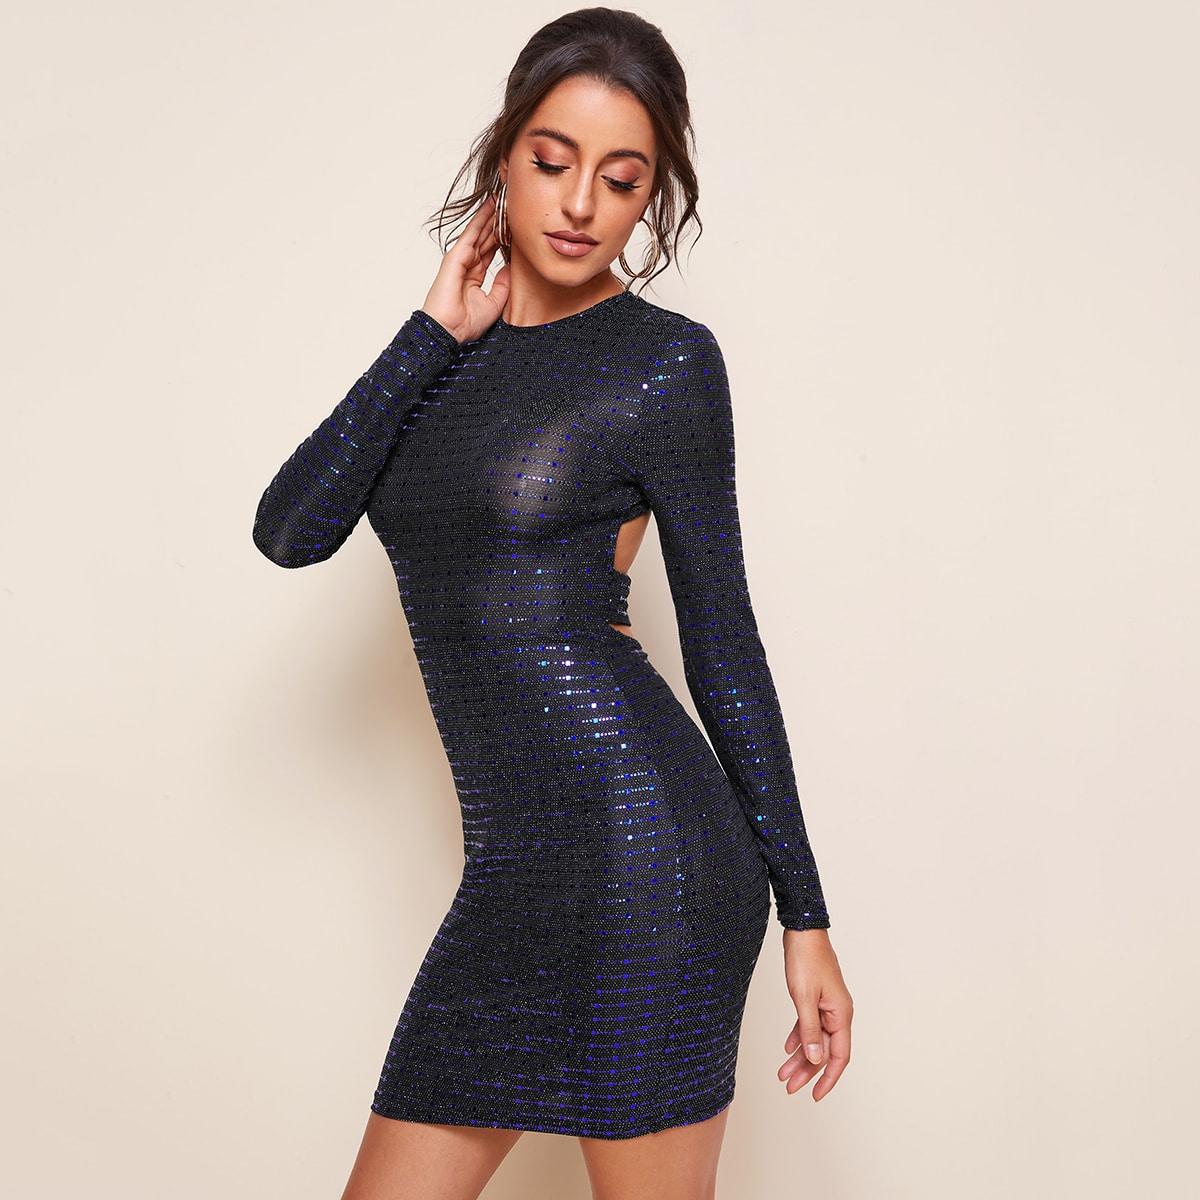 Блестящее облегающее платье с открытой спиной фото